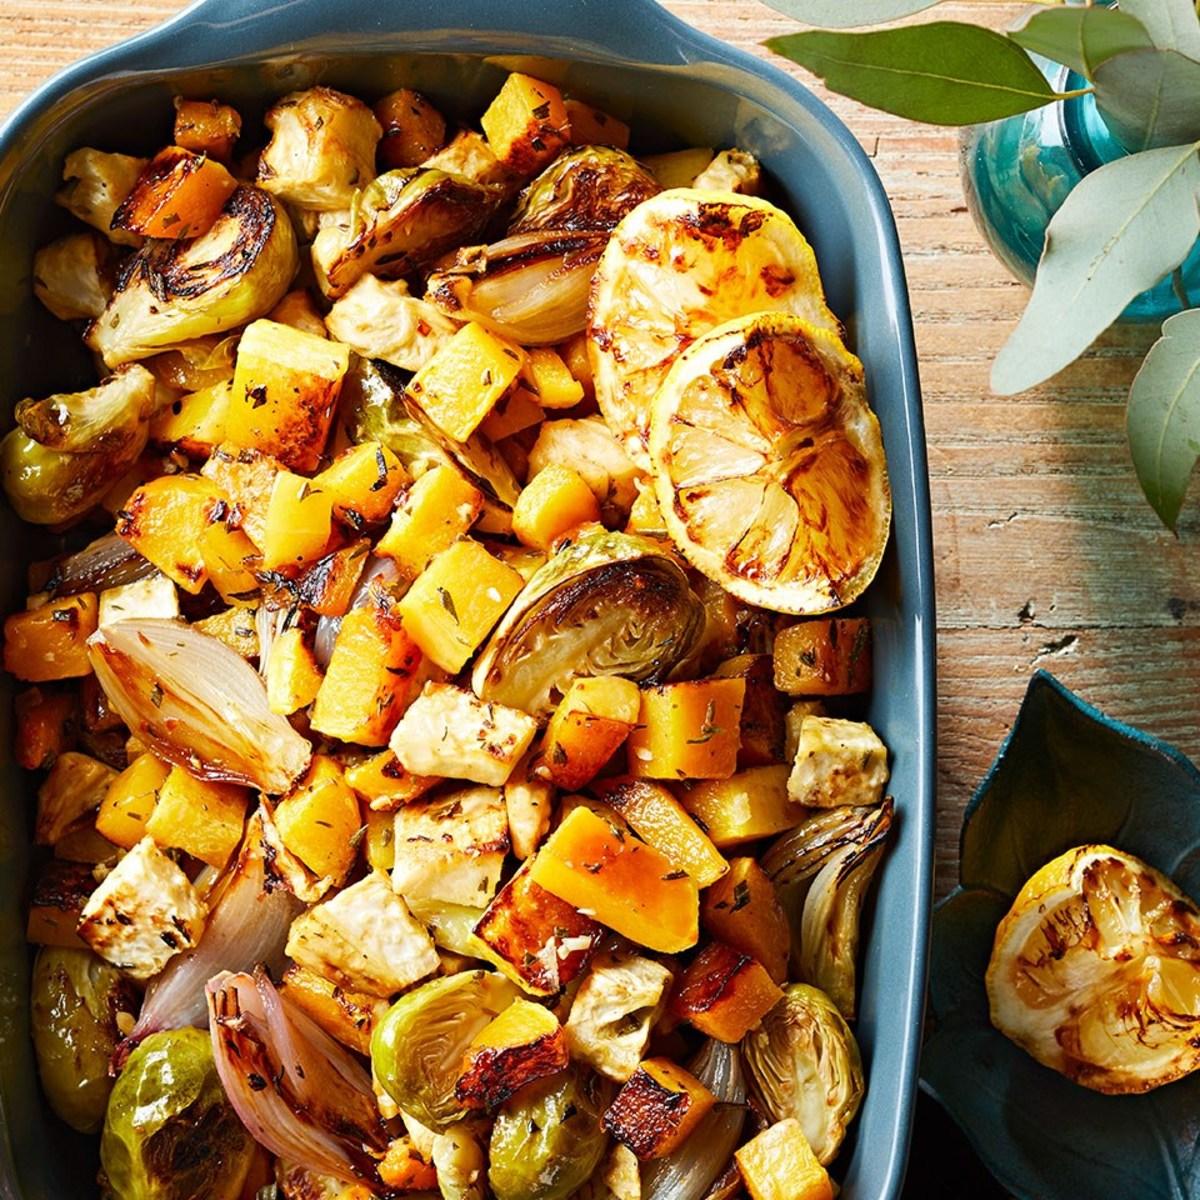 Herb-roasted root vegetables